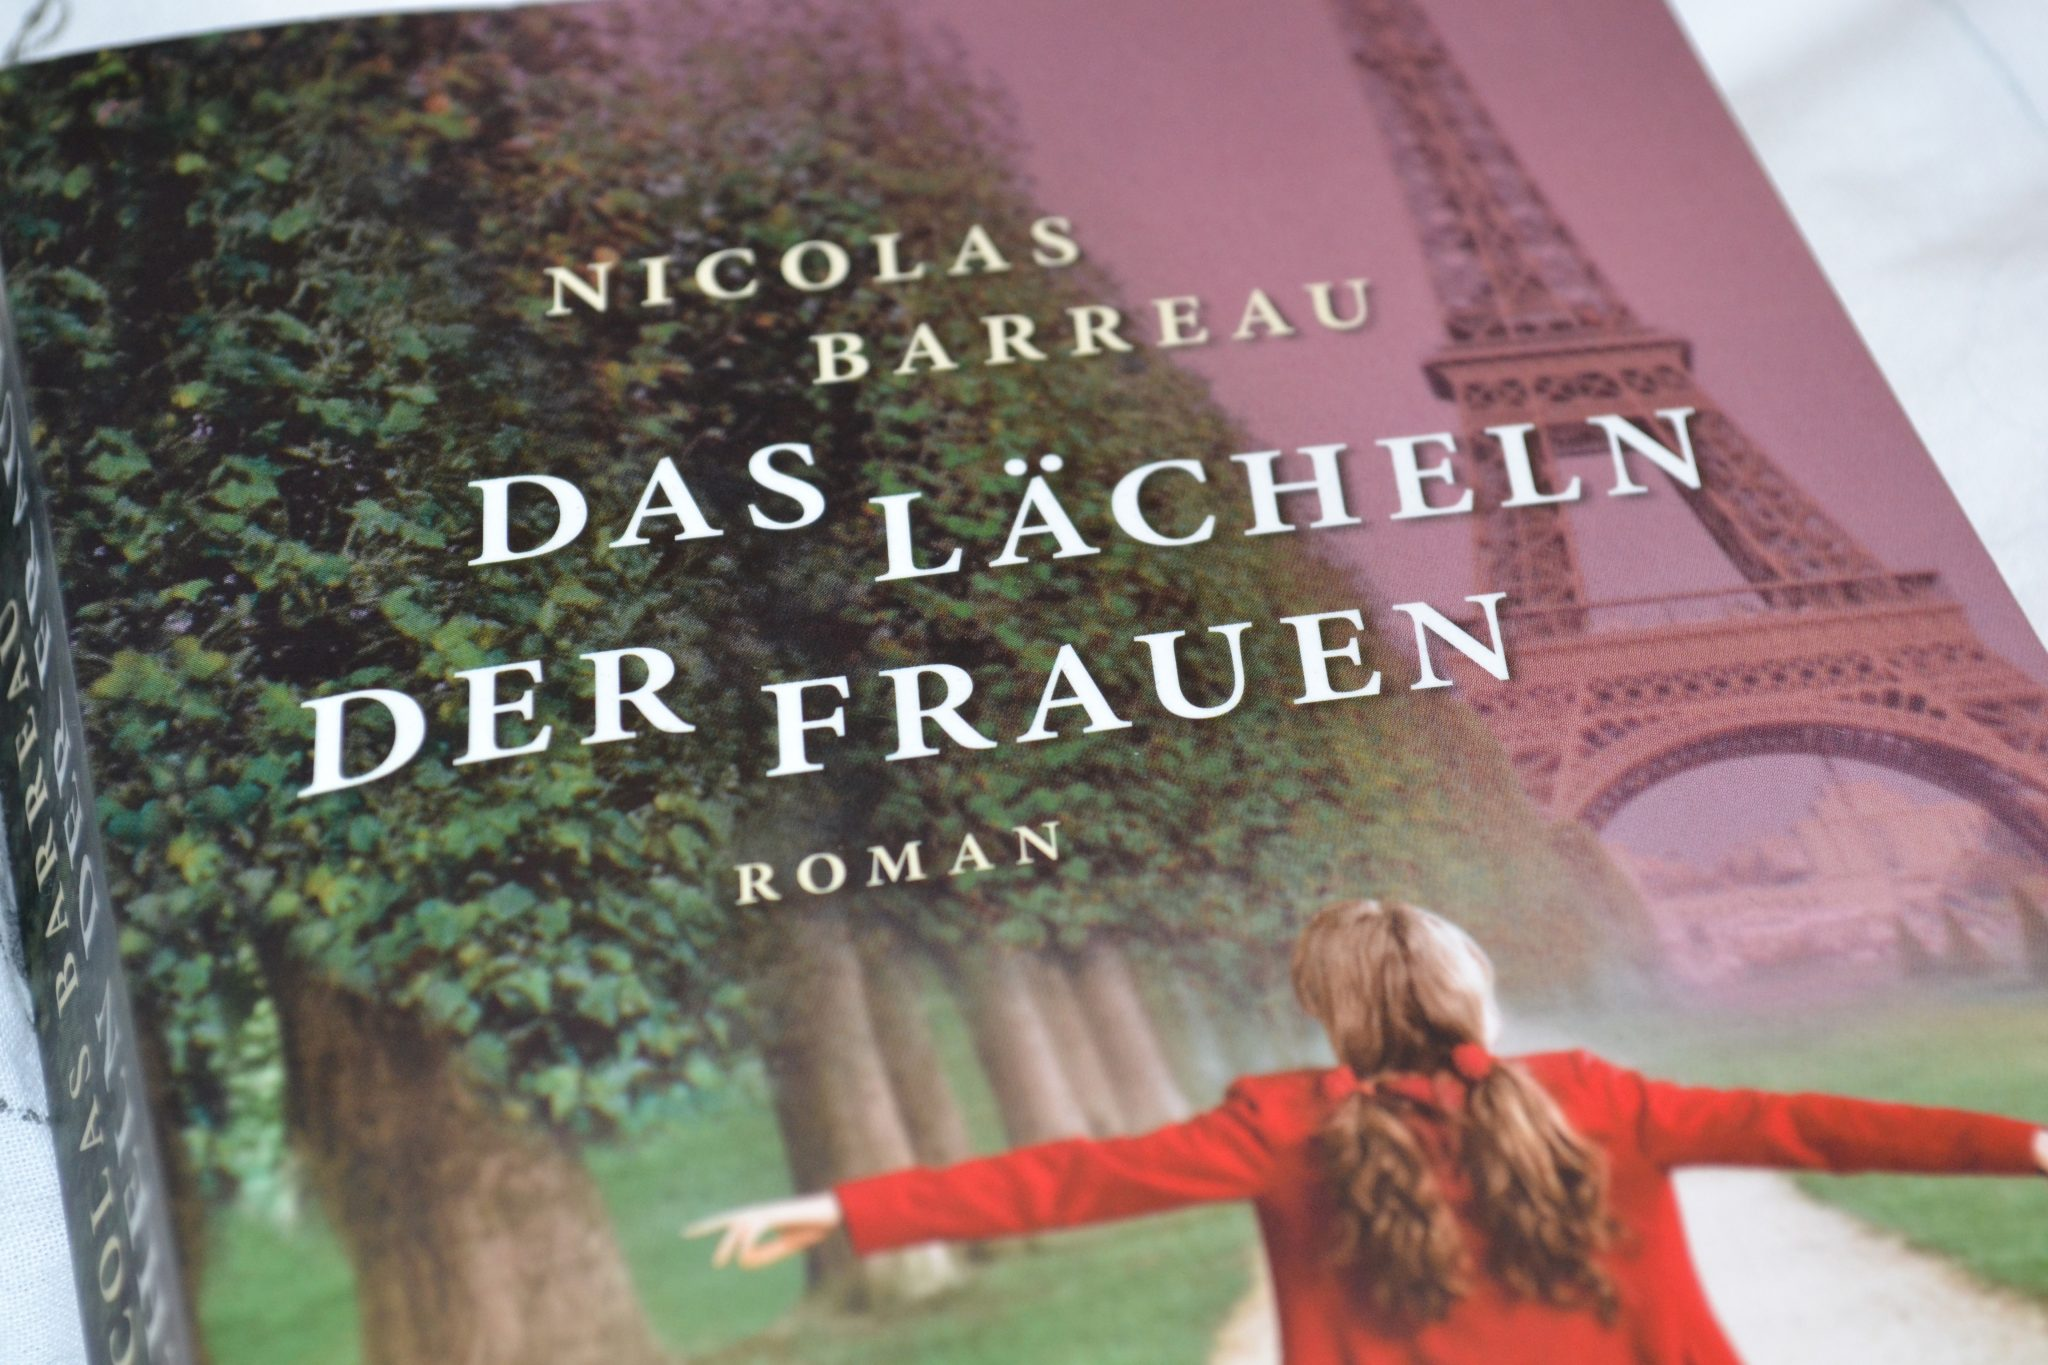 Books: Das Lächeln der Frauen | Nicolas Barreau - dsc 0001